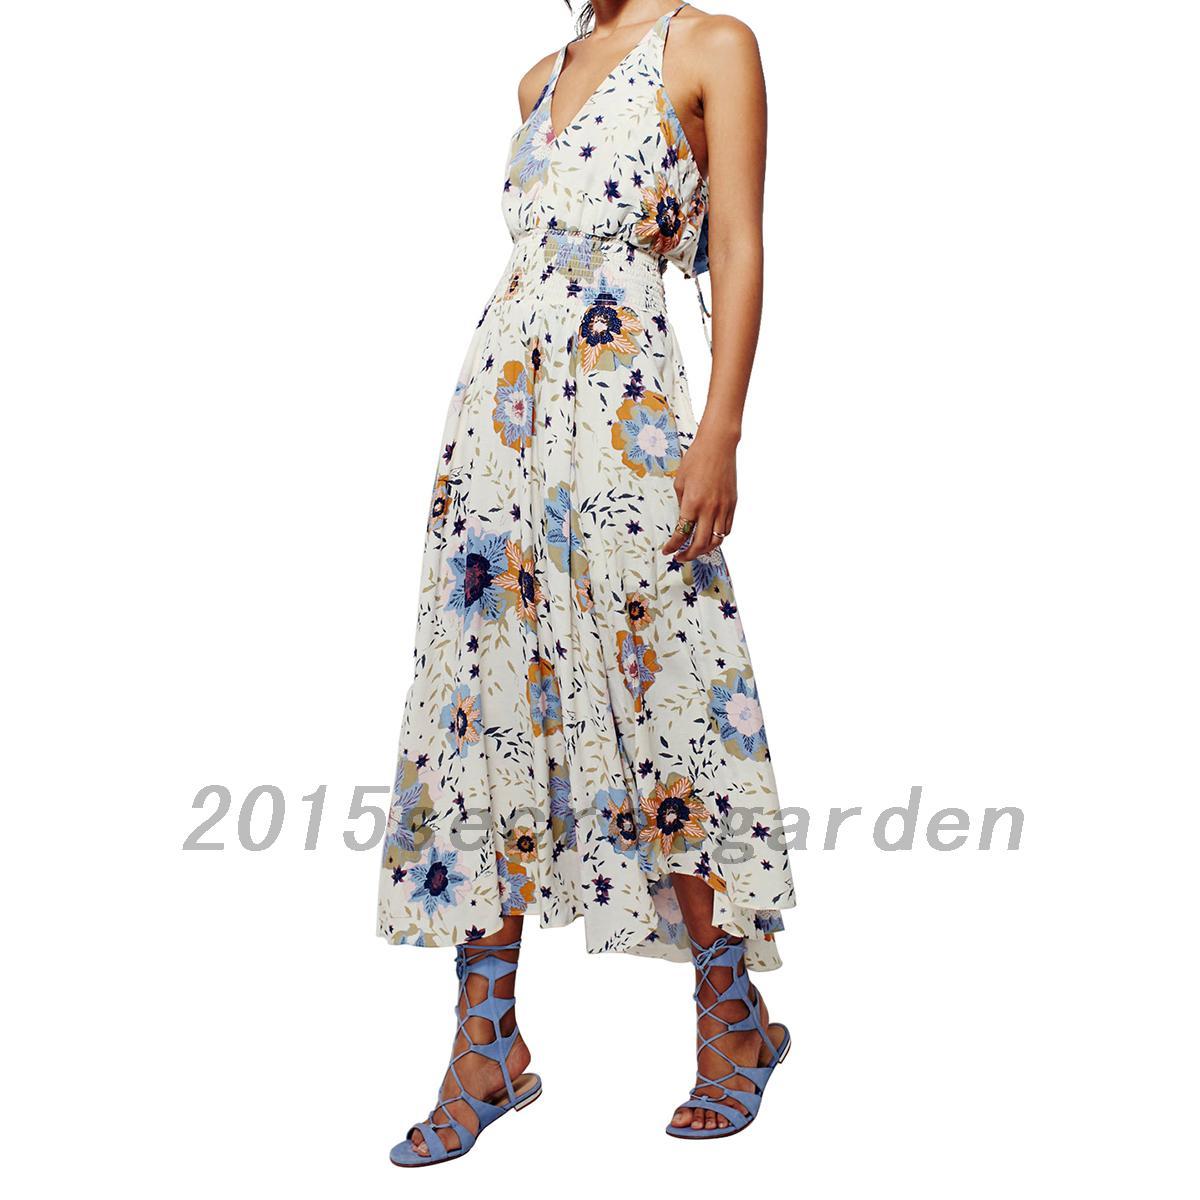 damen maxi lang kleider v ausschnitt r ckenfrei kleid abendkleid party kleider ebay. Black Bedroom Furniture Sets. Home Design Ideas